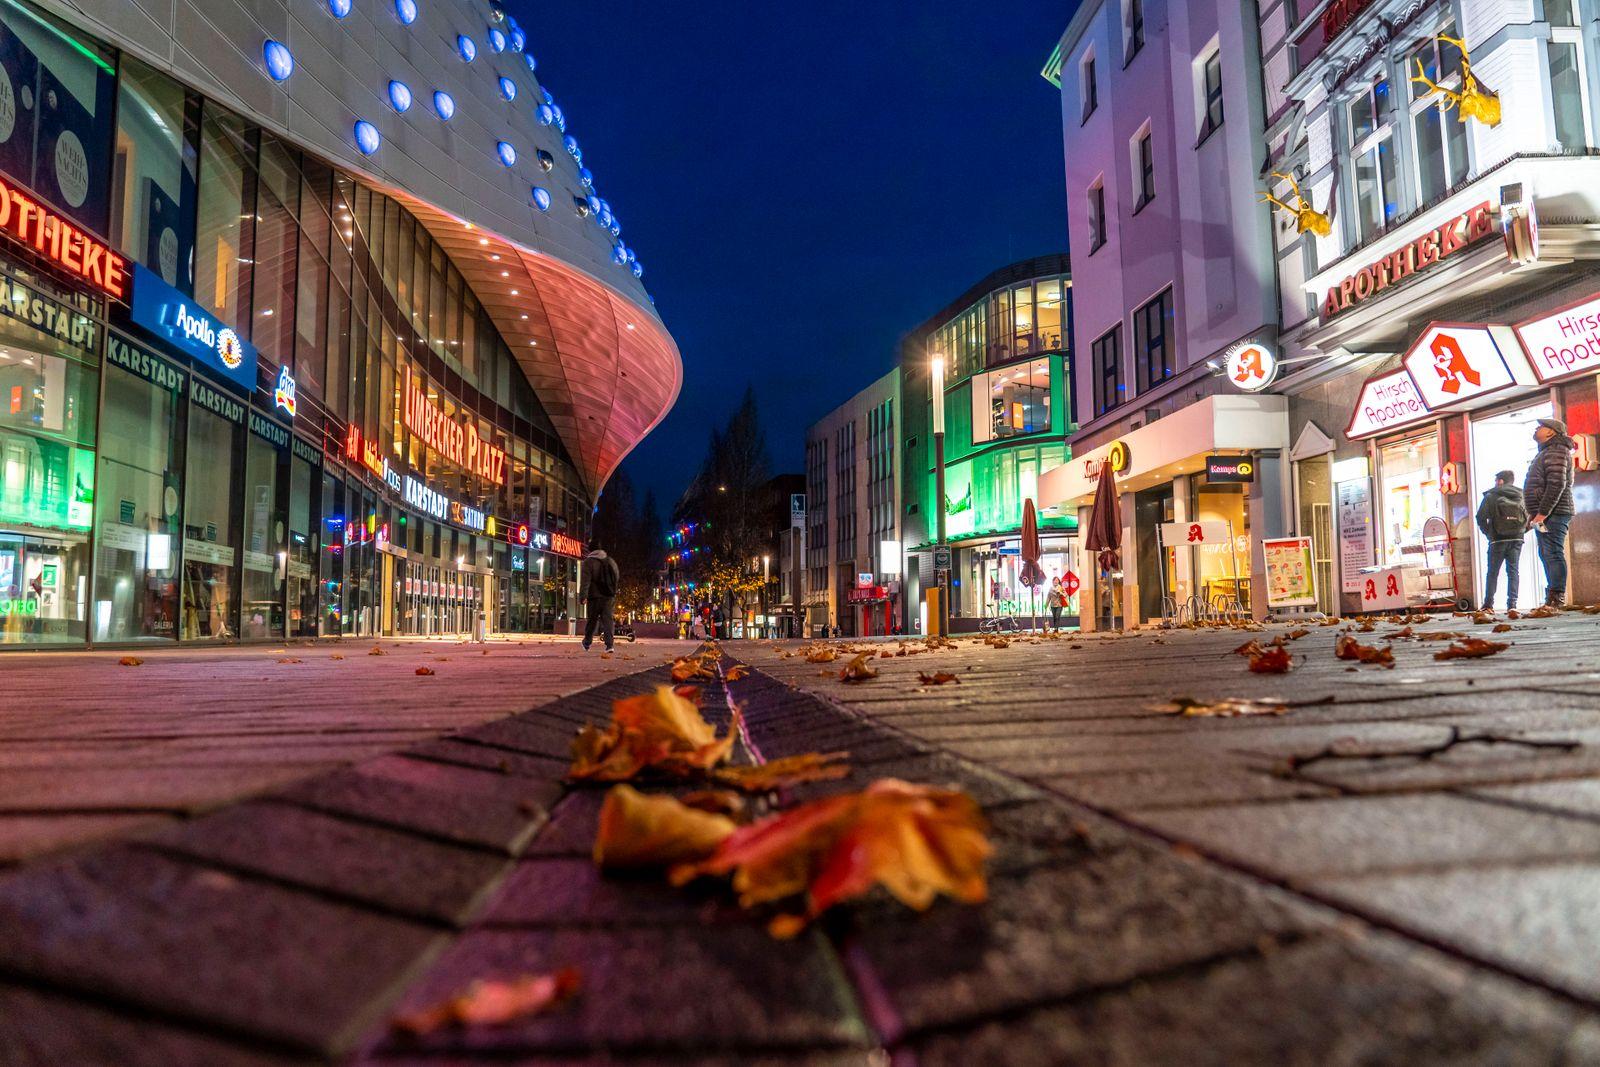 Weihnnachts Lockdown in der Corona Krise, leere Einkaufsstrasse, geschlossene Geschäfte, kaum Passanten, Limbecker Stras